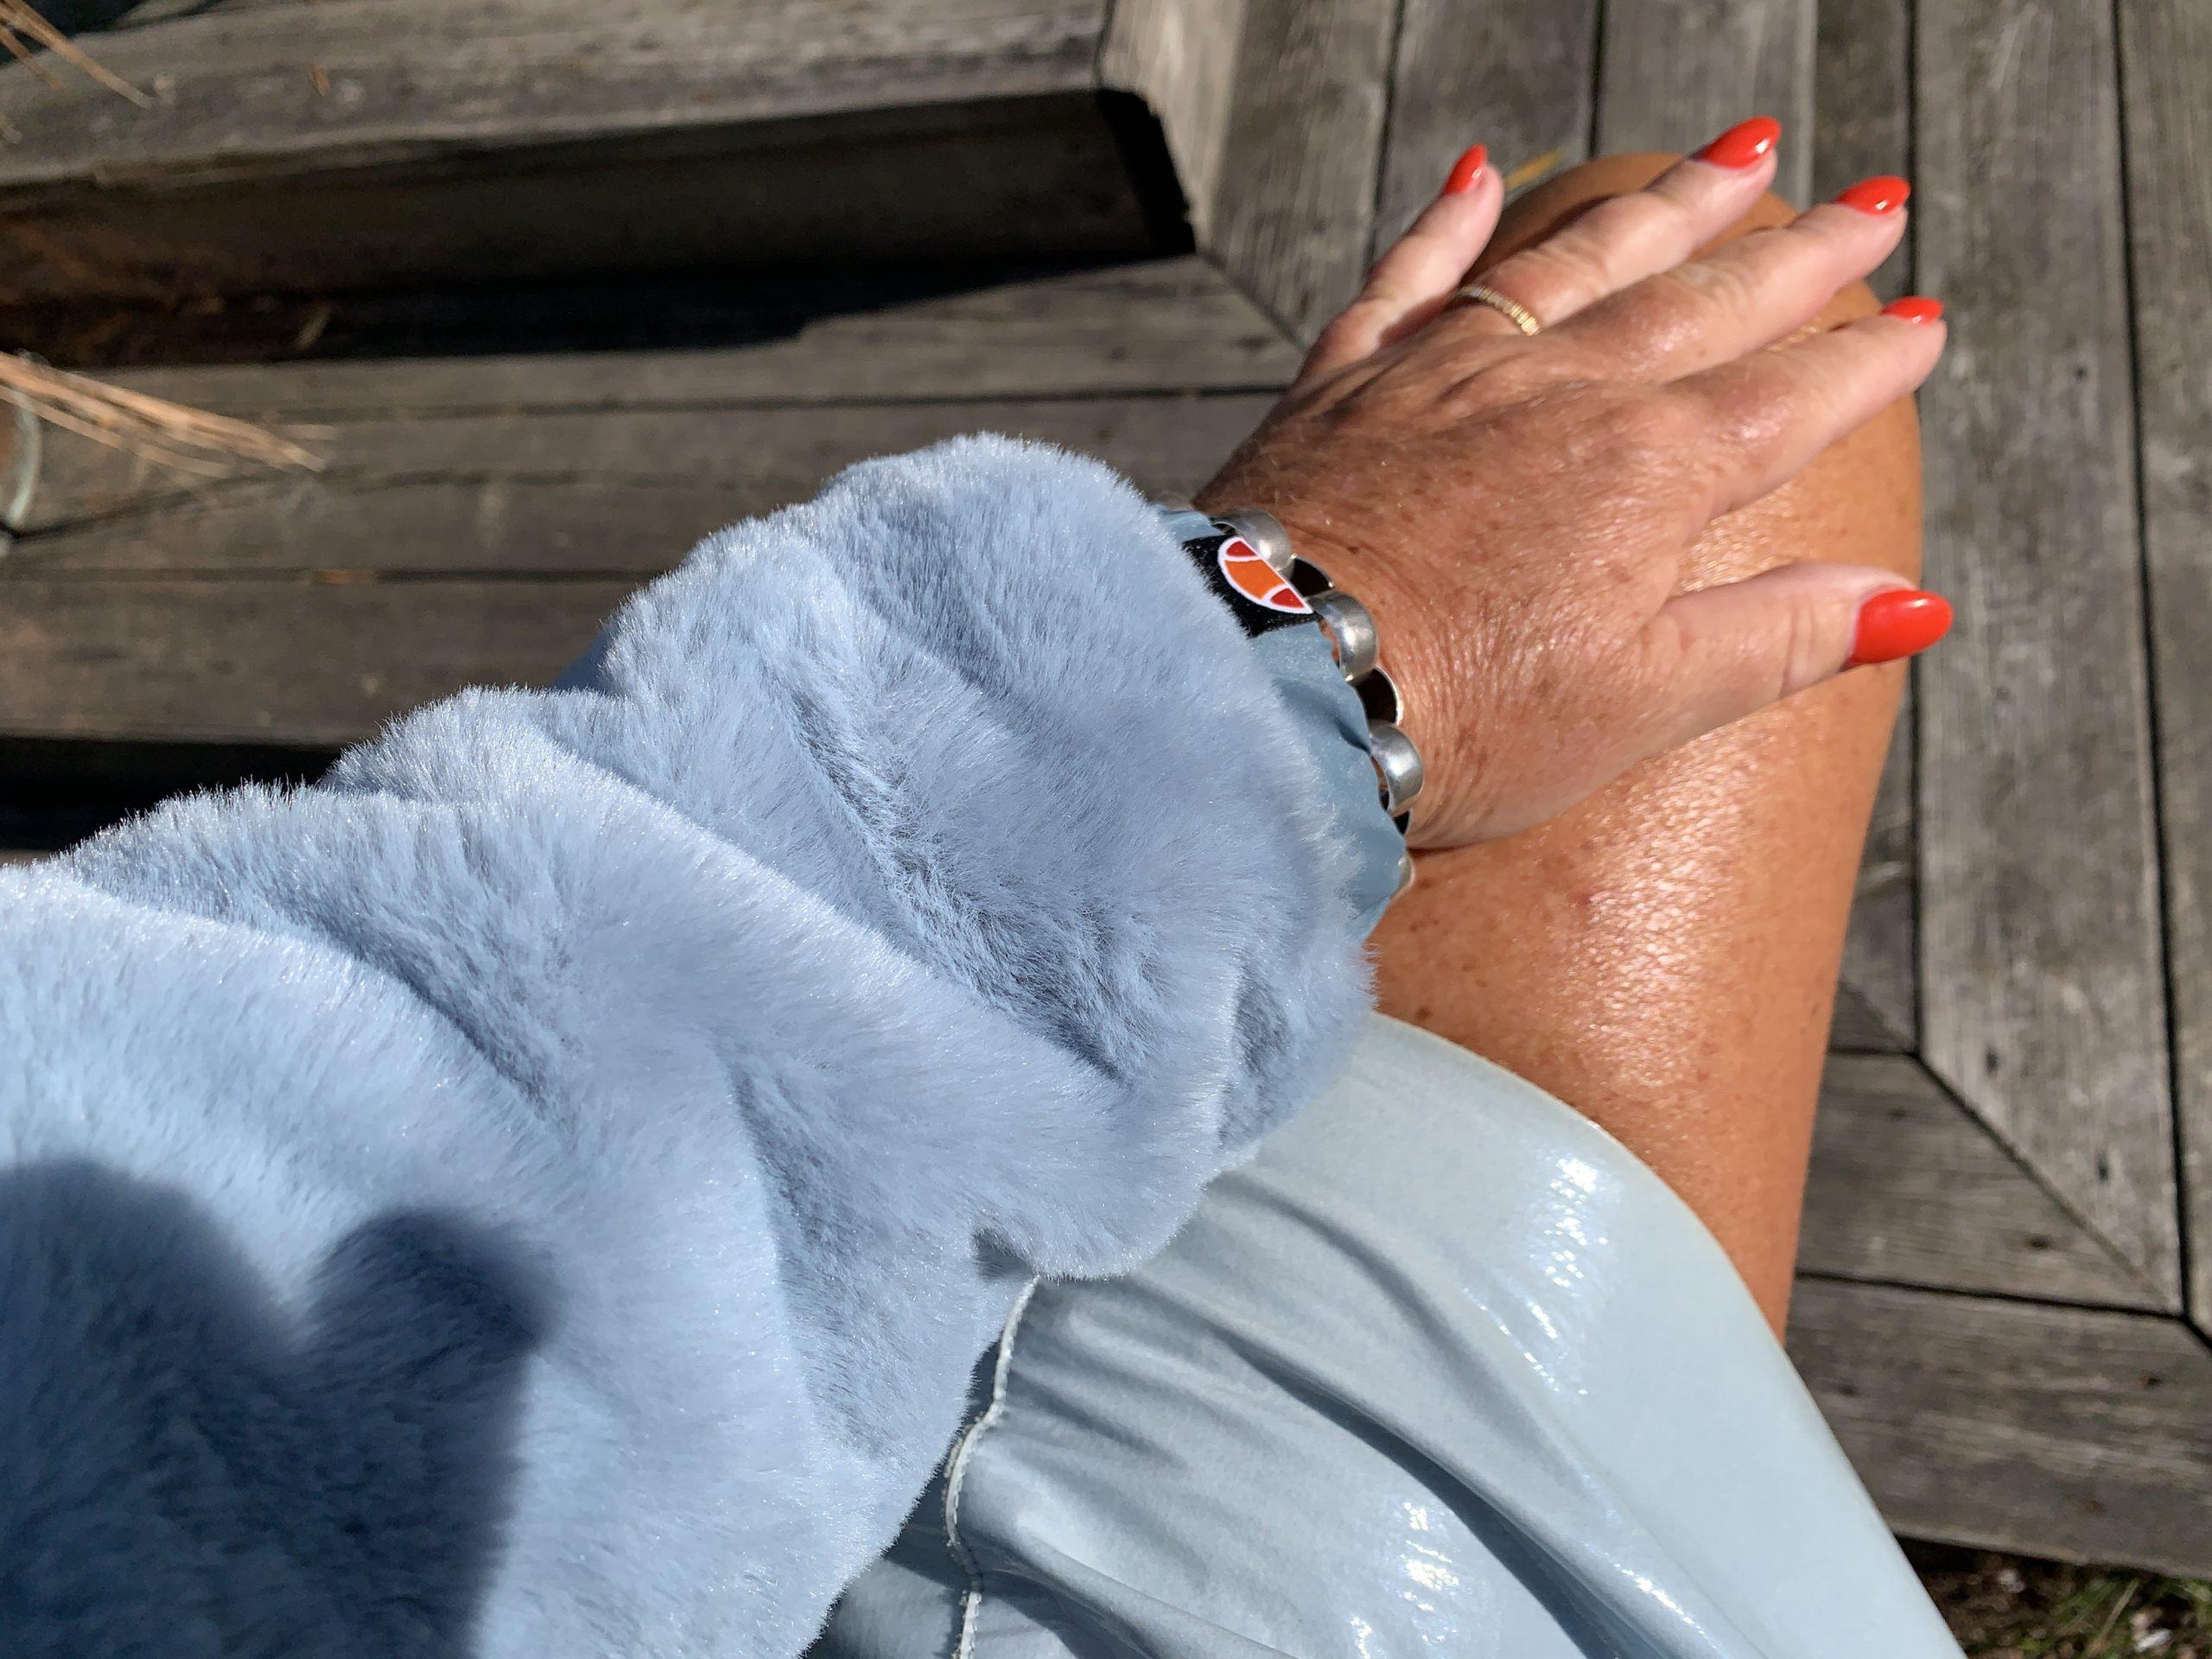 Ljusblått är snyggt när man är solbränd